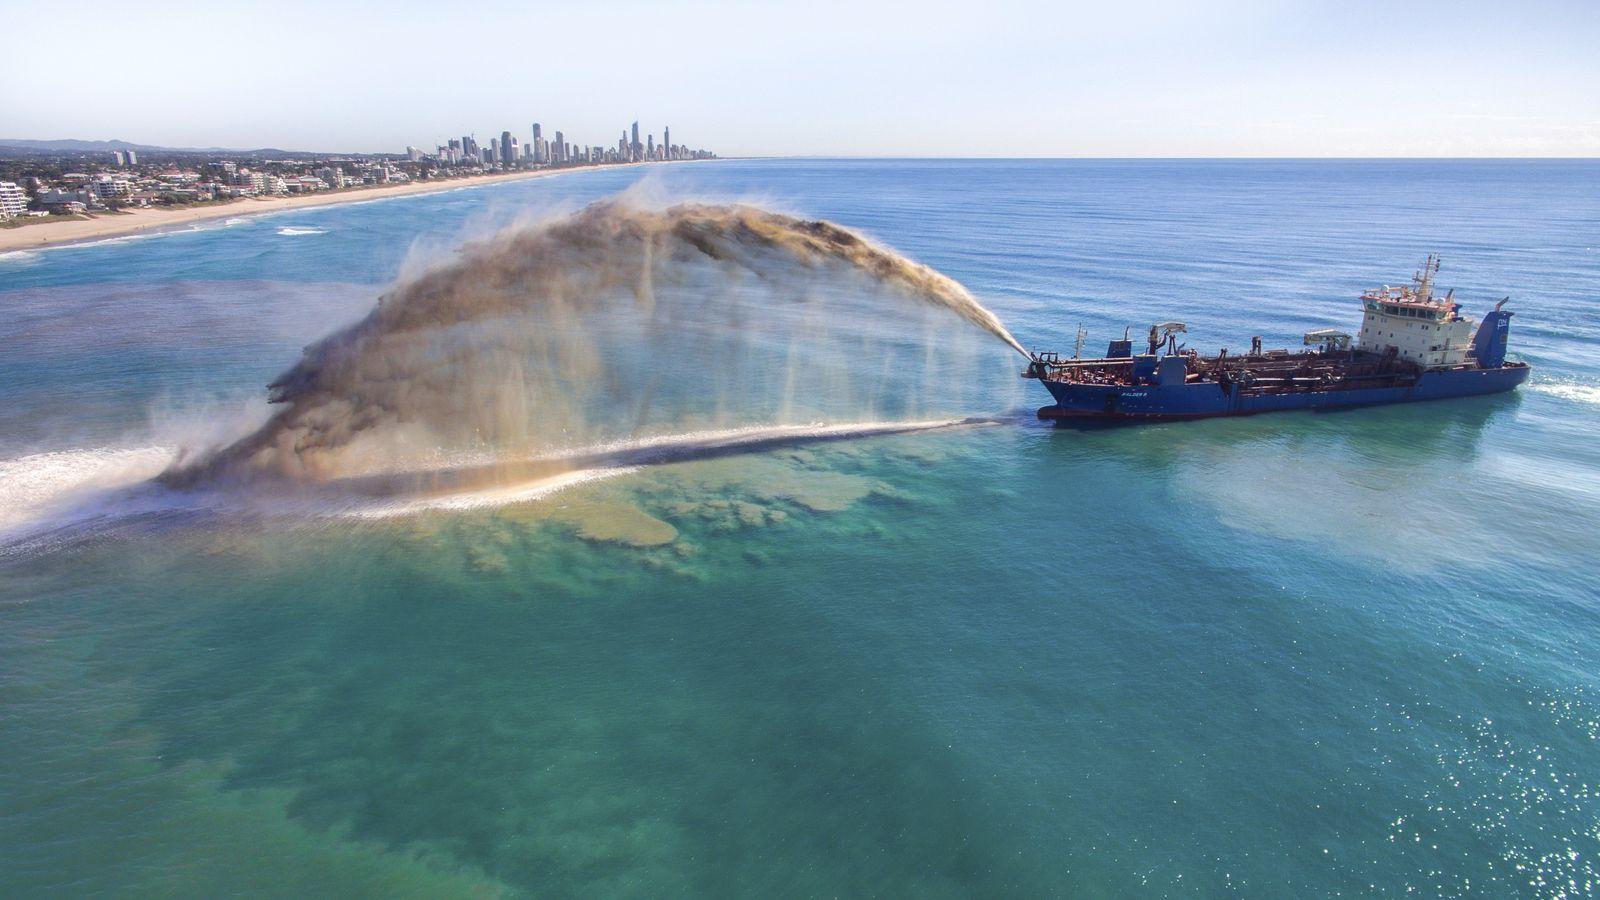 Sandvorspülung vor der Gold Coast in Australien: Ein Schiff pumpt neuen Sand an den Strand, um ...